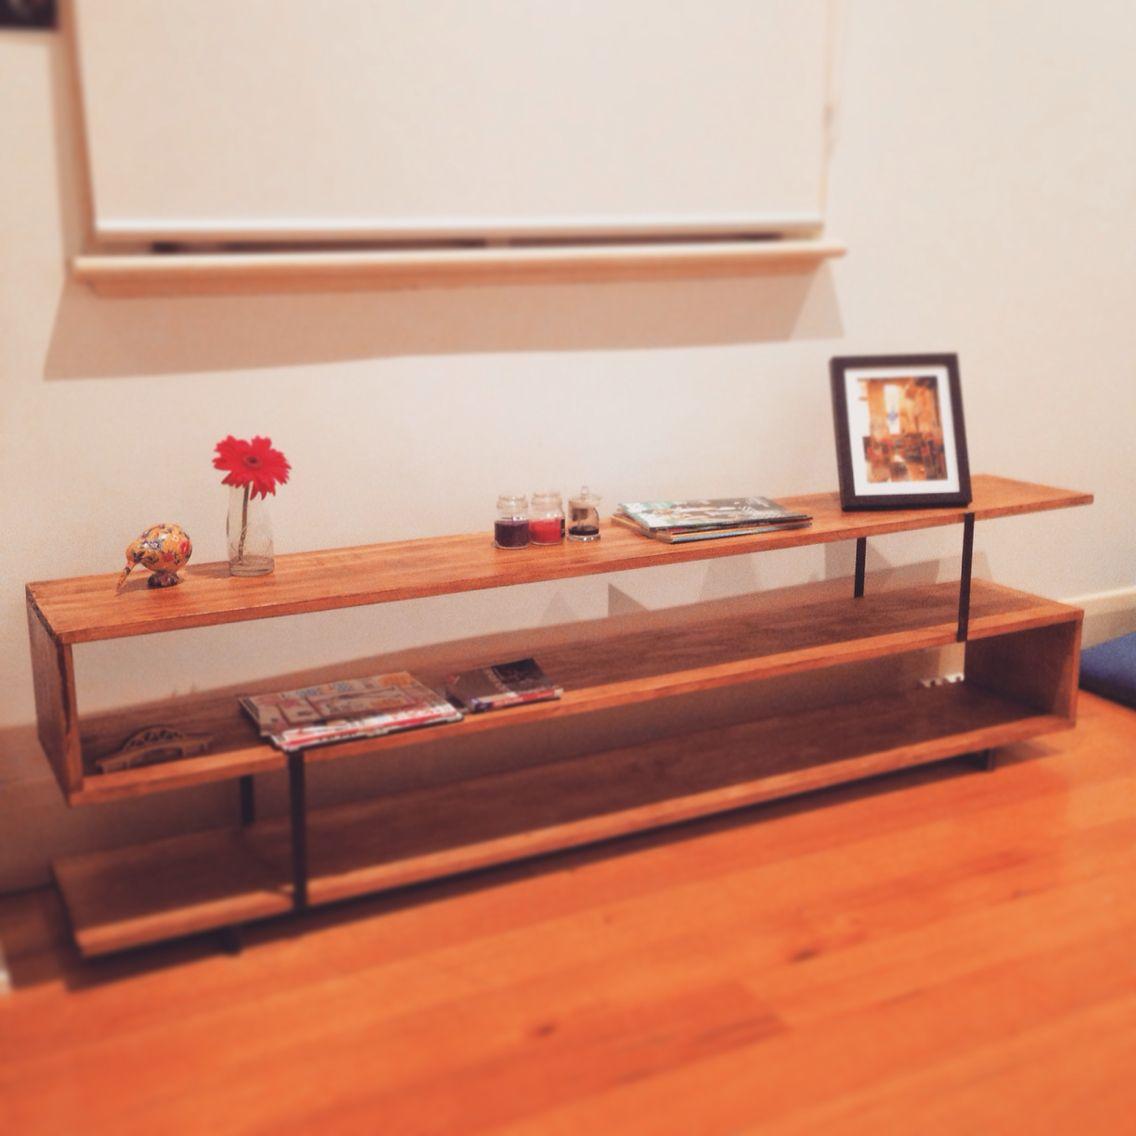 Matt Blatt Erling Low Shelf replica I made  Rustic Mid century modern style. Matt Blatt Erling Low Shelf replica I made  Rustic Mid century